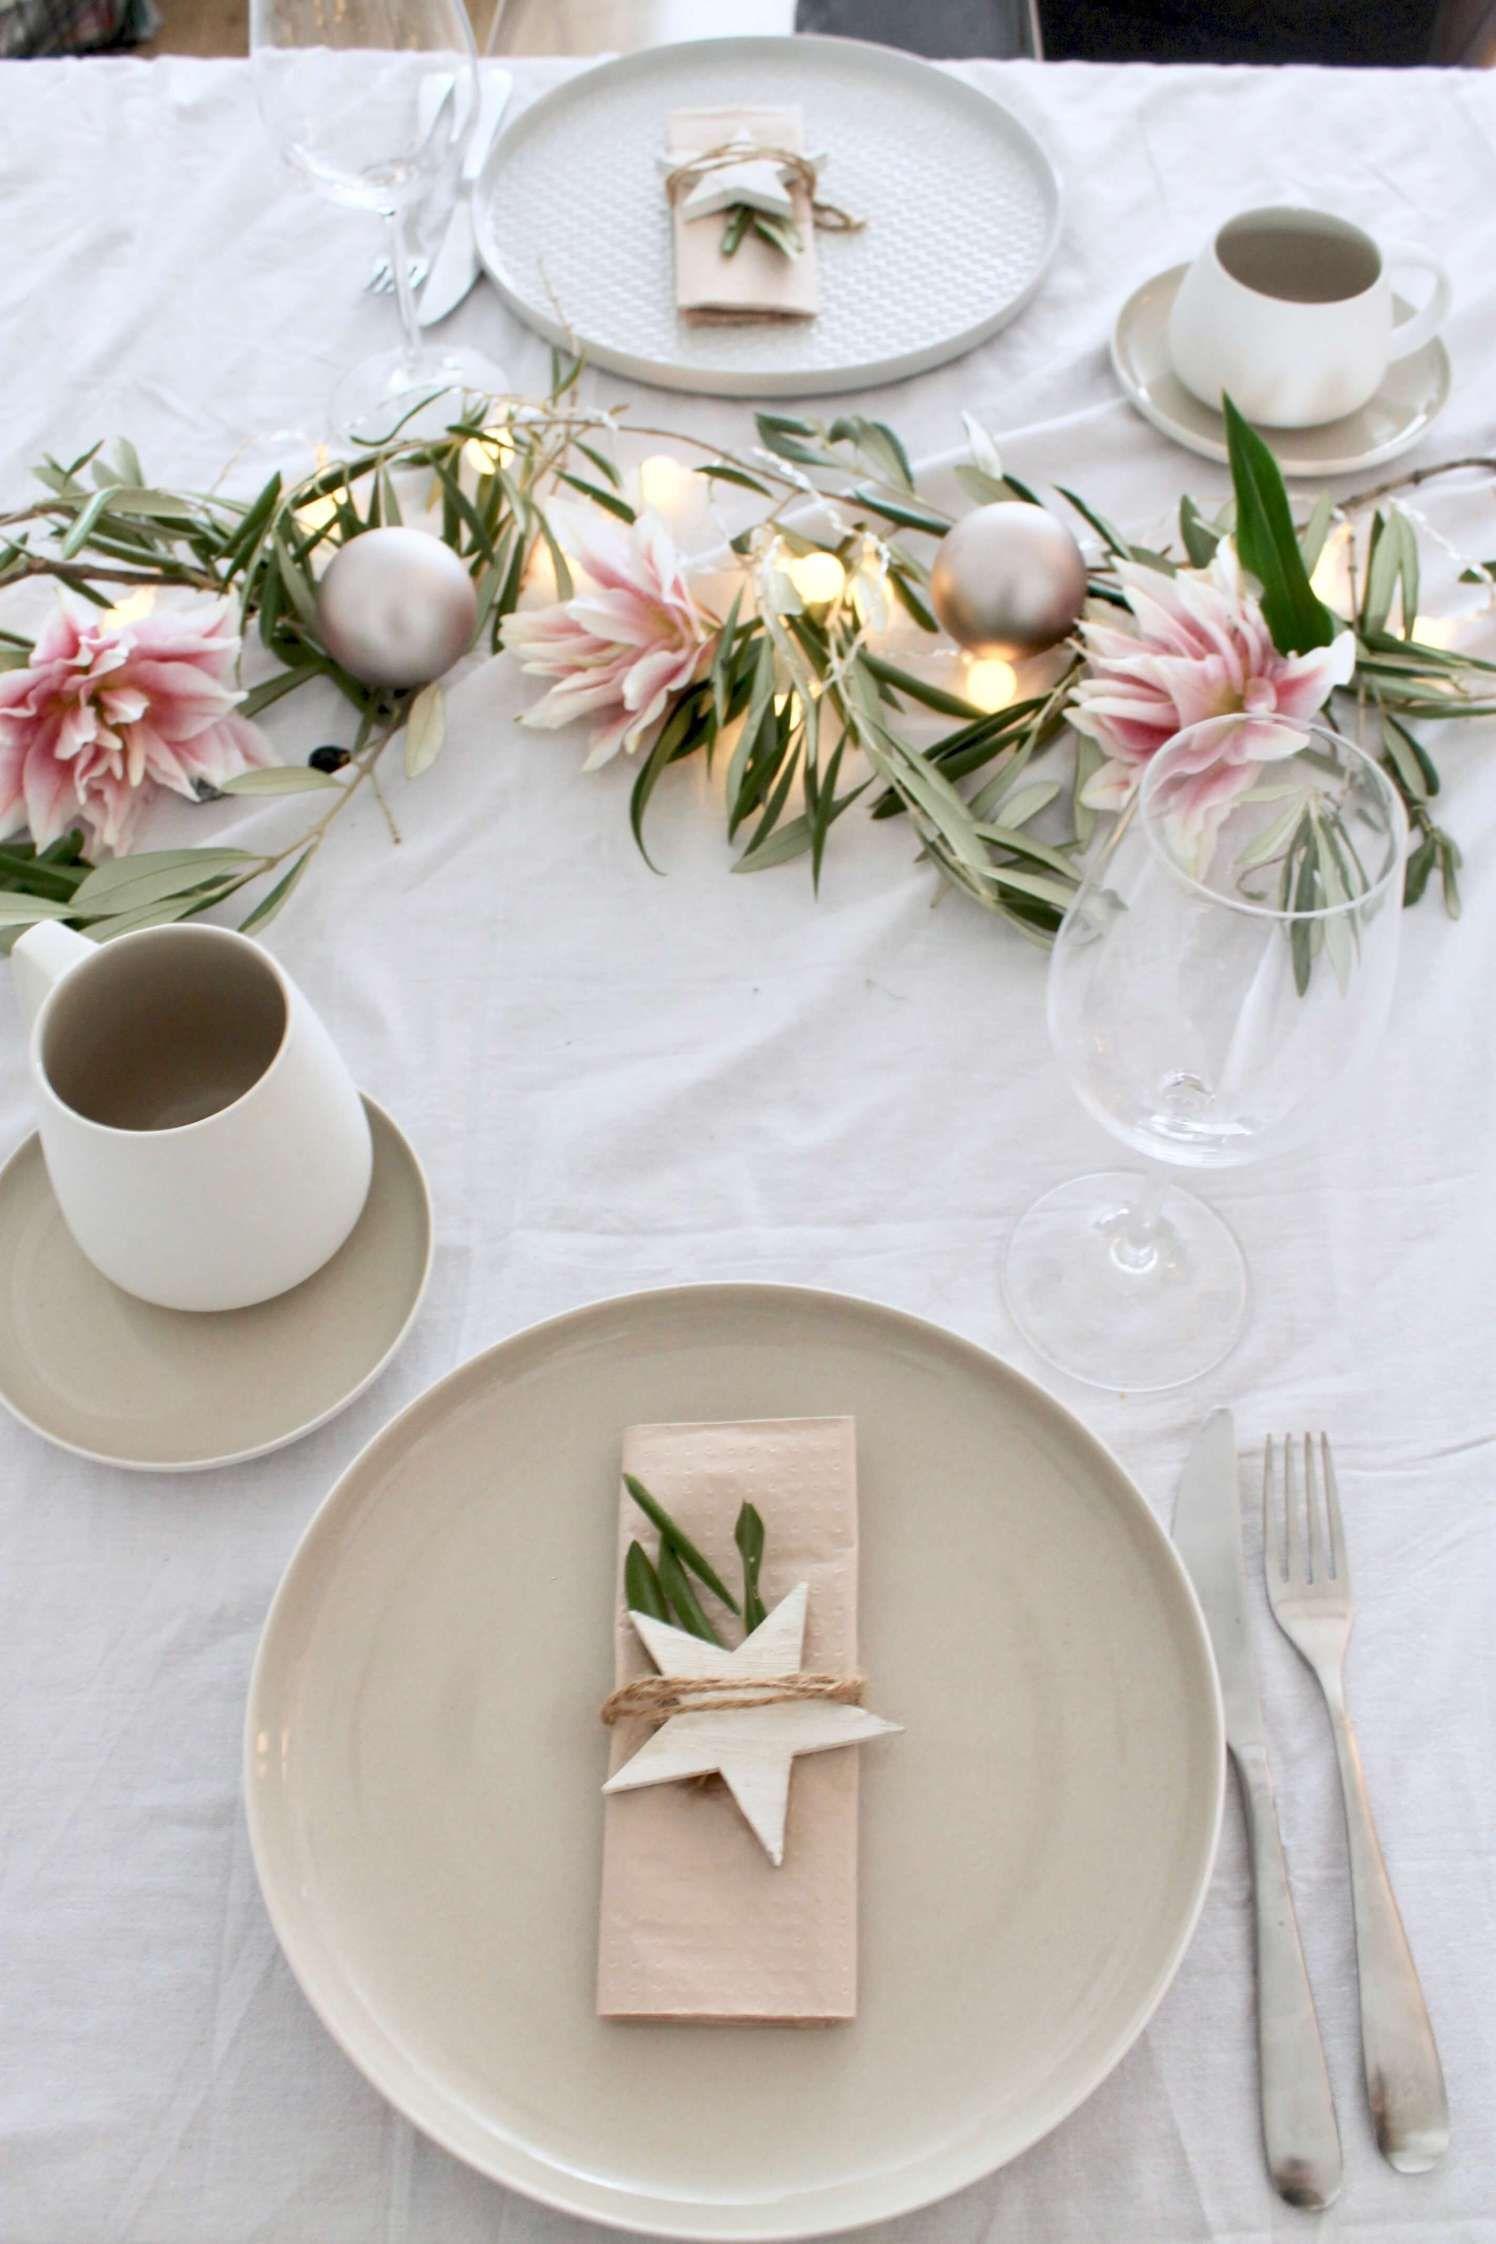 Tischchen, wechsel dich ° Zwei festliche skandinavische Tischdekorationen für Weihnachten ° Wow, mit Lichterkette! #weihnachtendekorationtischdekoration